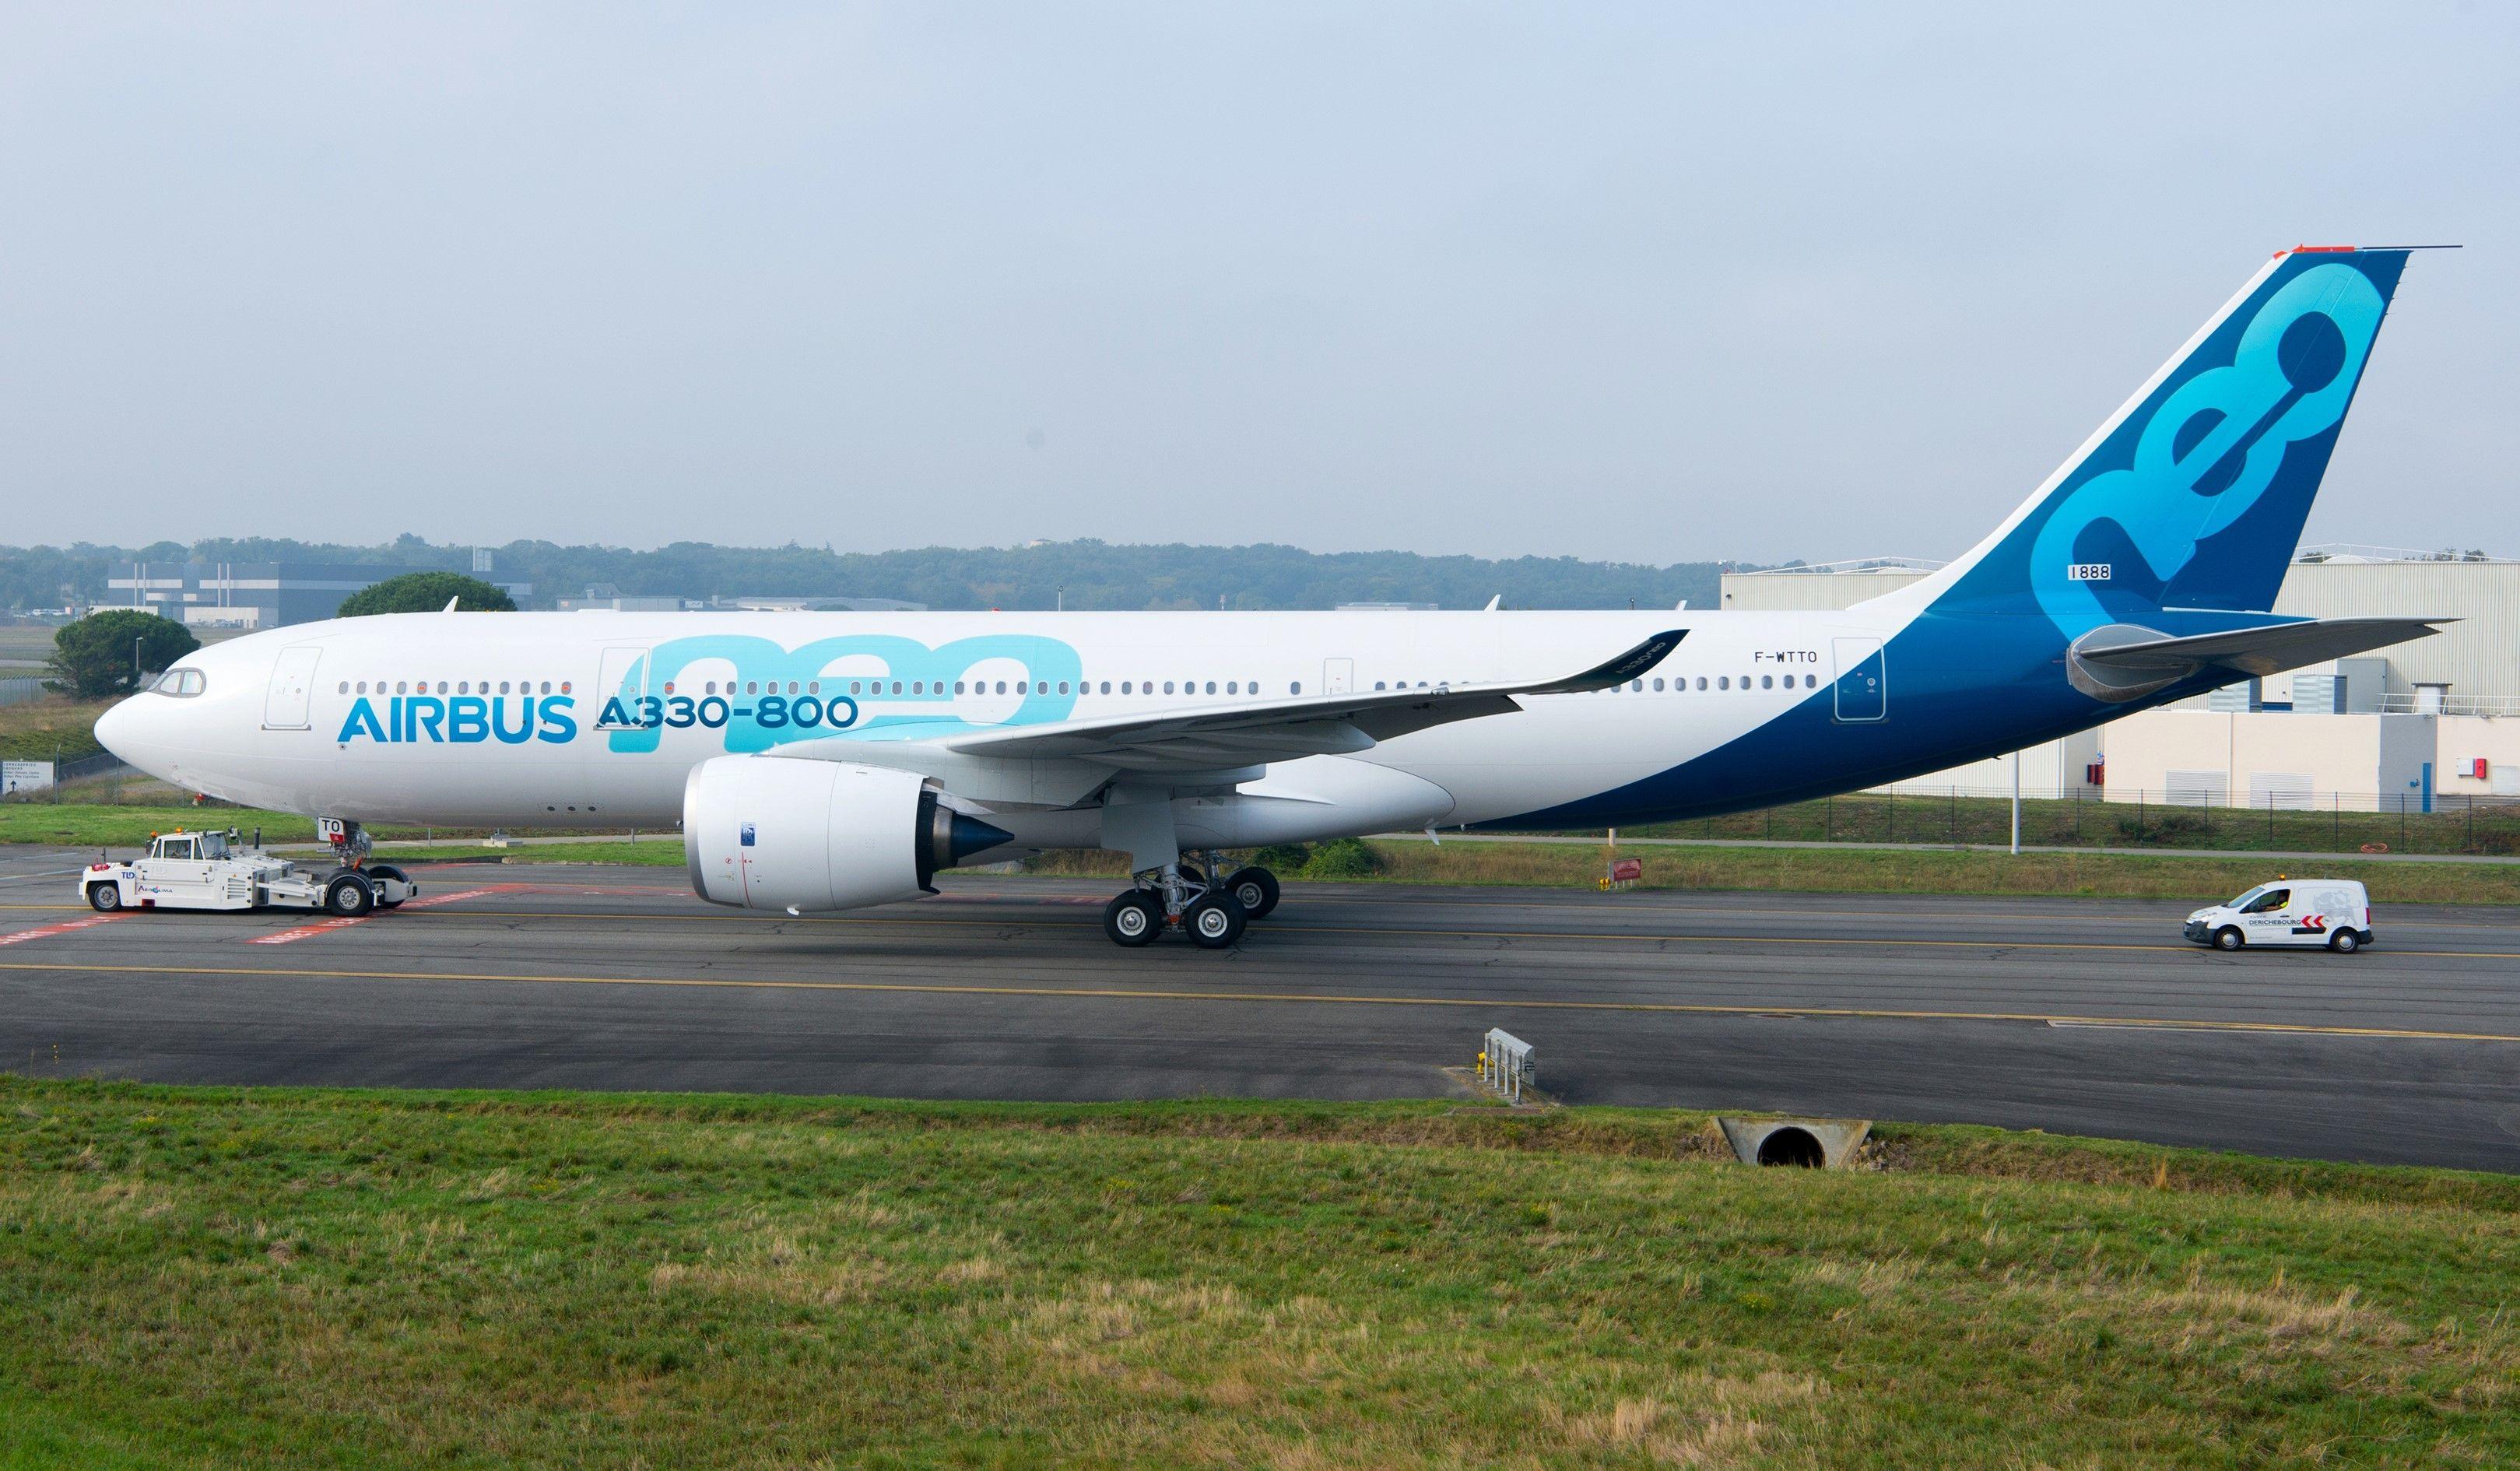 民航早报:空客A330-800发动机已装,首飞在即